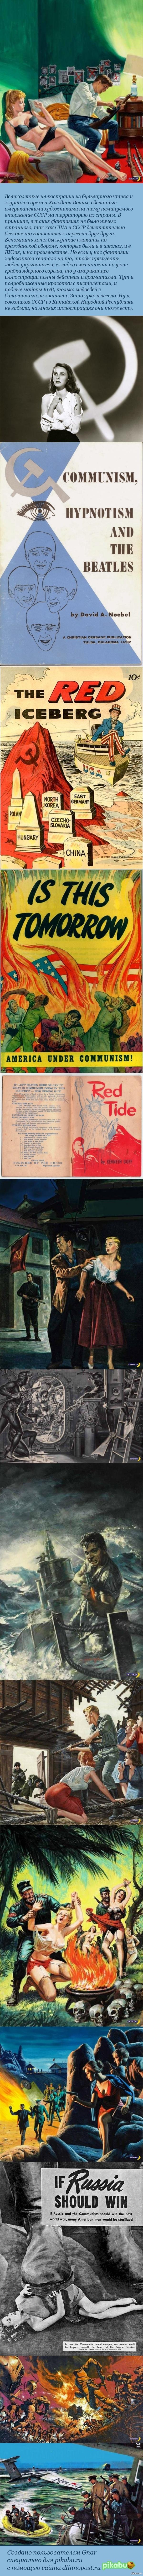 Подборка американских плакатов времён Холодной войны